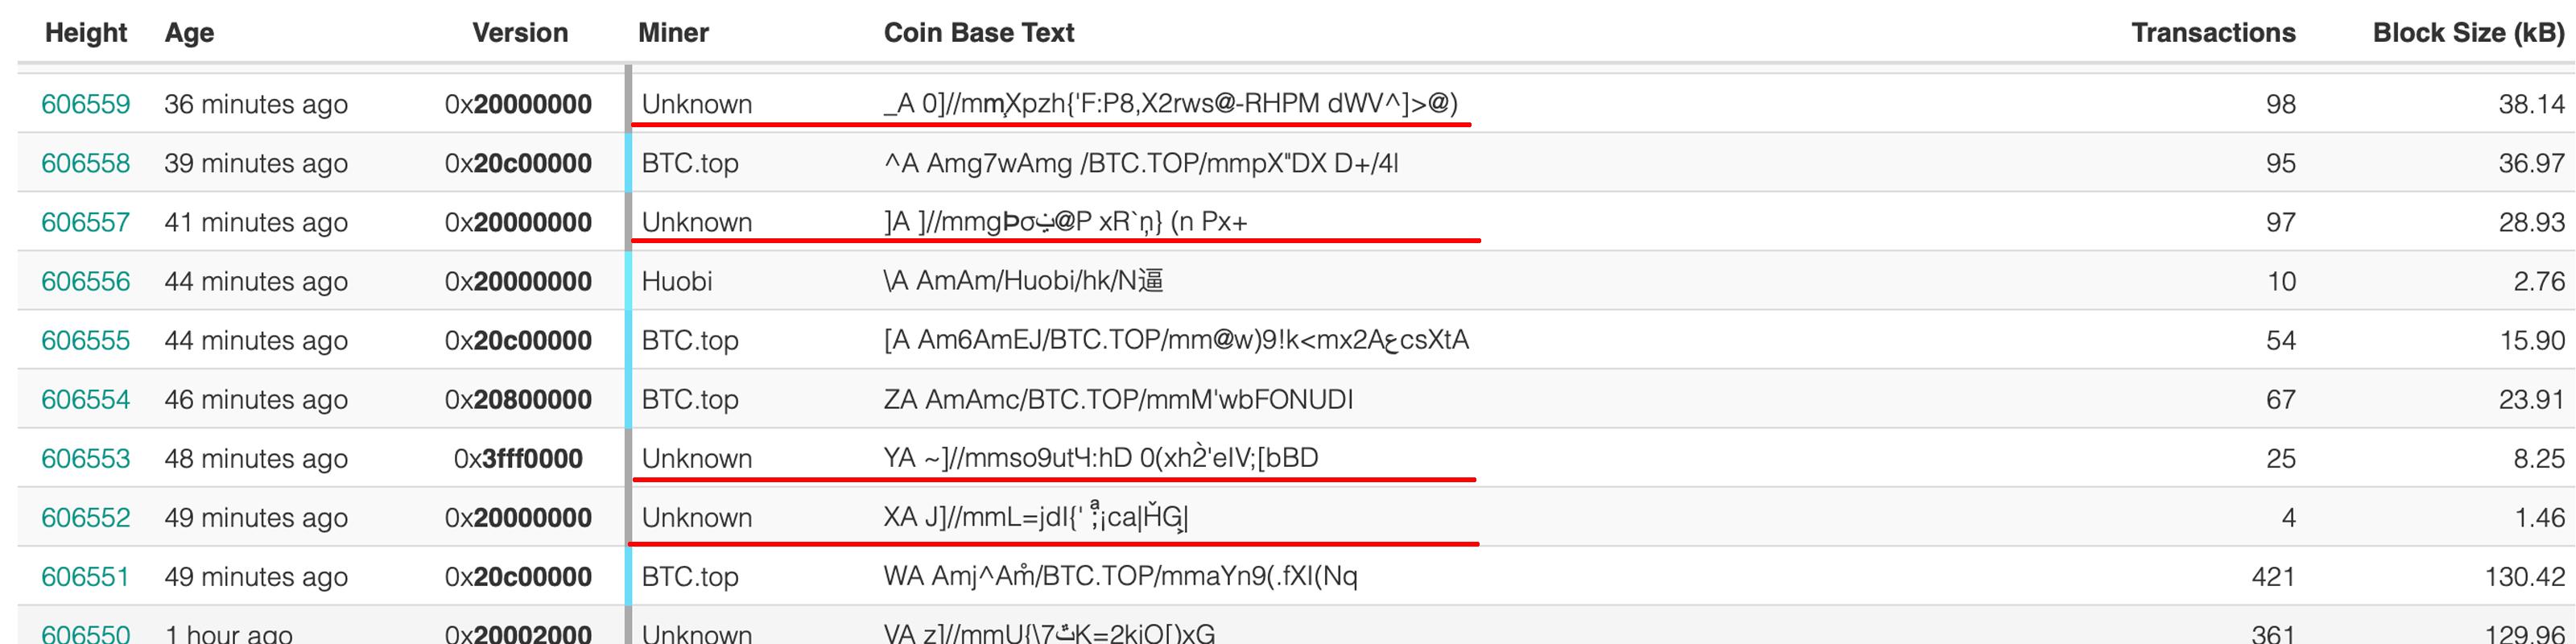 """Mineros sigilosos en el escrutinio de atracción de la red BCH """" ancho = """"3200"""" altura = """"800"""" srcset = """"https://blackswanfinances.com/wp-content/uploads/2019/10/coinbasetxt.jpg 3200w, https://news.bitcoin.com/wp- content / uploads / 2019/10 / coinbasetxt-300x75.jpg 300w, https://news.bitcoin.com/wp-content/uploads/2019/10/coinbasetxt-768x192.jpg 768w, https: //news.bitcoin. com / wp-content / uploads / 2019/10 / coinbasetxt-1024x256.jpg 1024w, https://news.bitcoin.com/wp-content/uploads/2019/10/coinbasetxt-696x174.jpg 696w, https: // news.bitcoin.com/wp-content/uploads/2019/10/coinbasetxt-1392x348.jpg 1392w, https://news.bitcoin.com/wp-content/uploads/2019/10/coinbasetxt-1068x267.jpg 1068w """" tamaños = """"(ancho máximo: 3200px) 100vw, 3200px"""